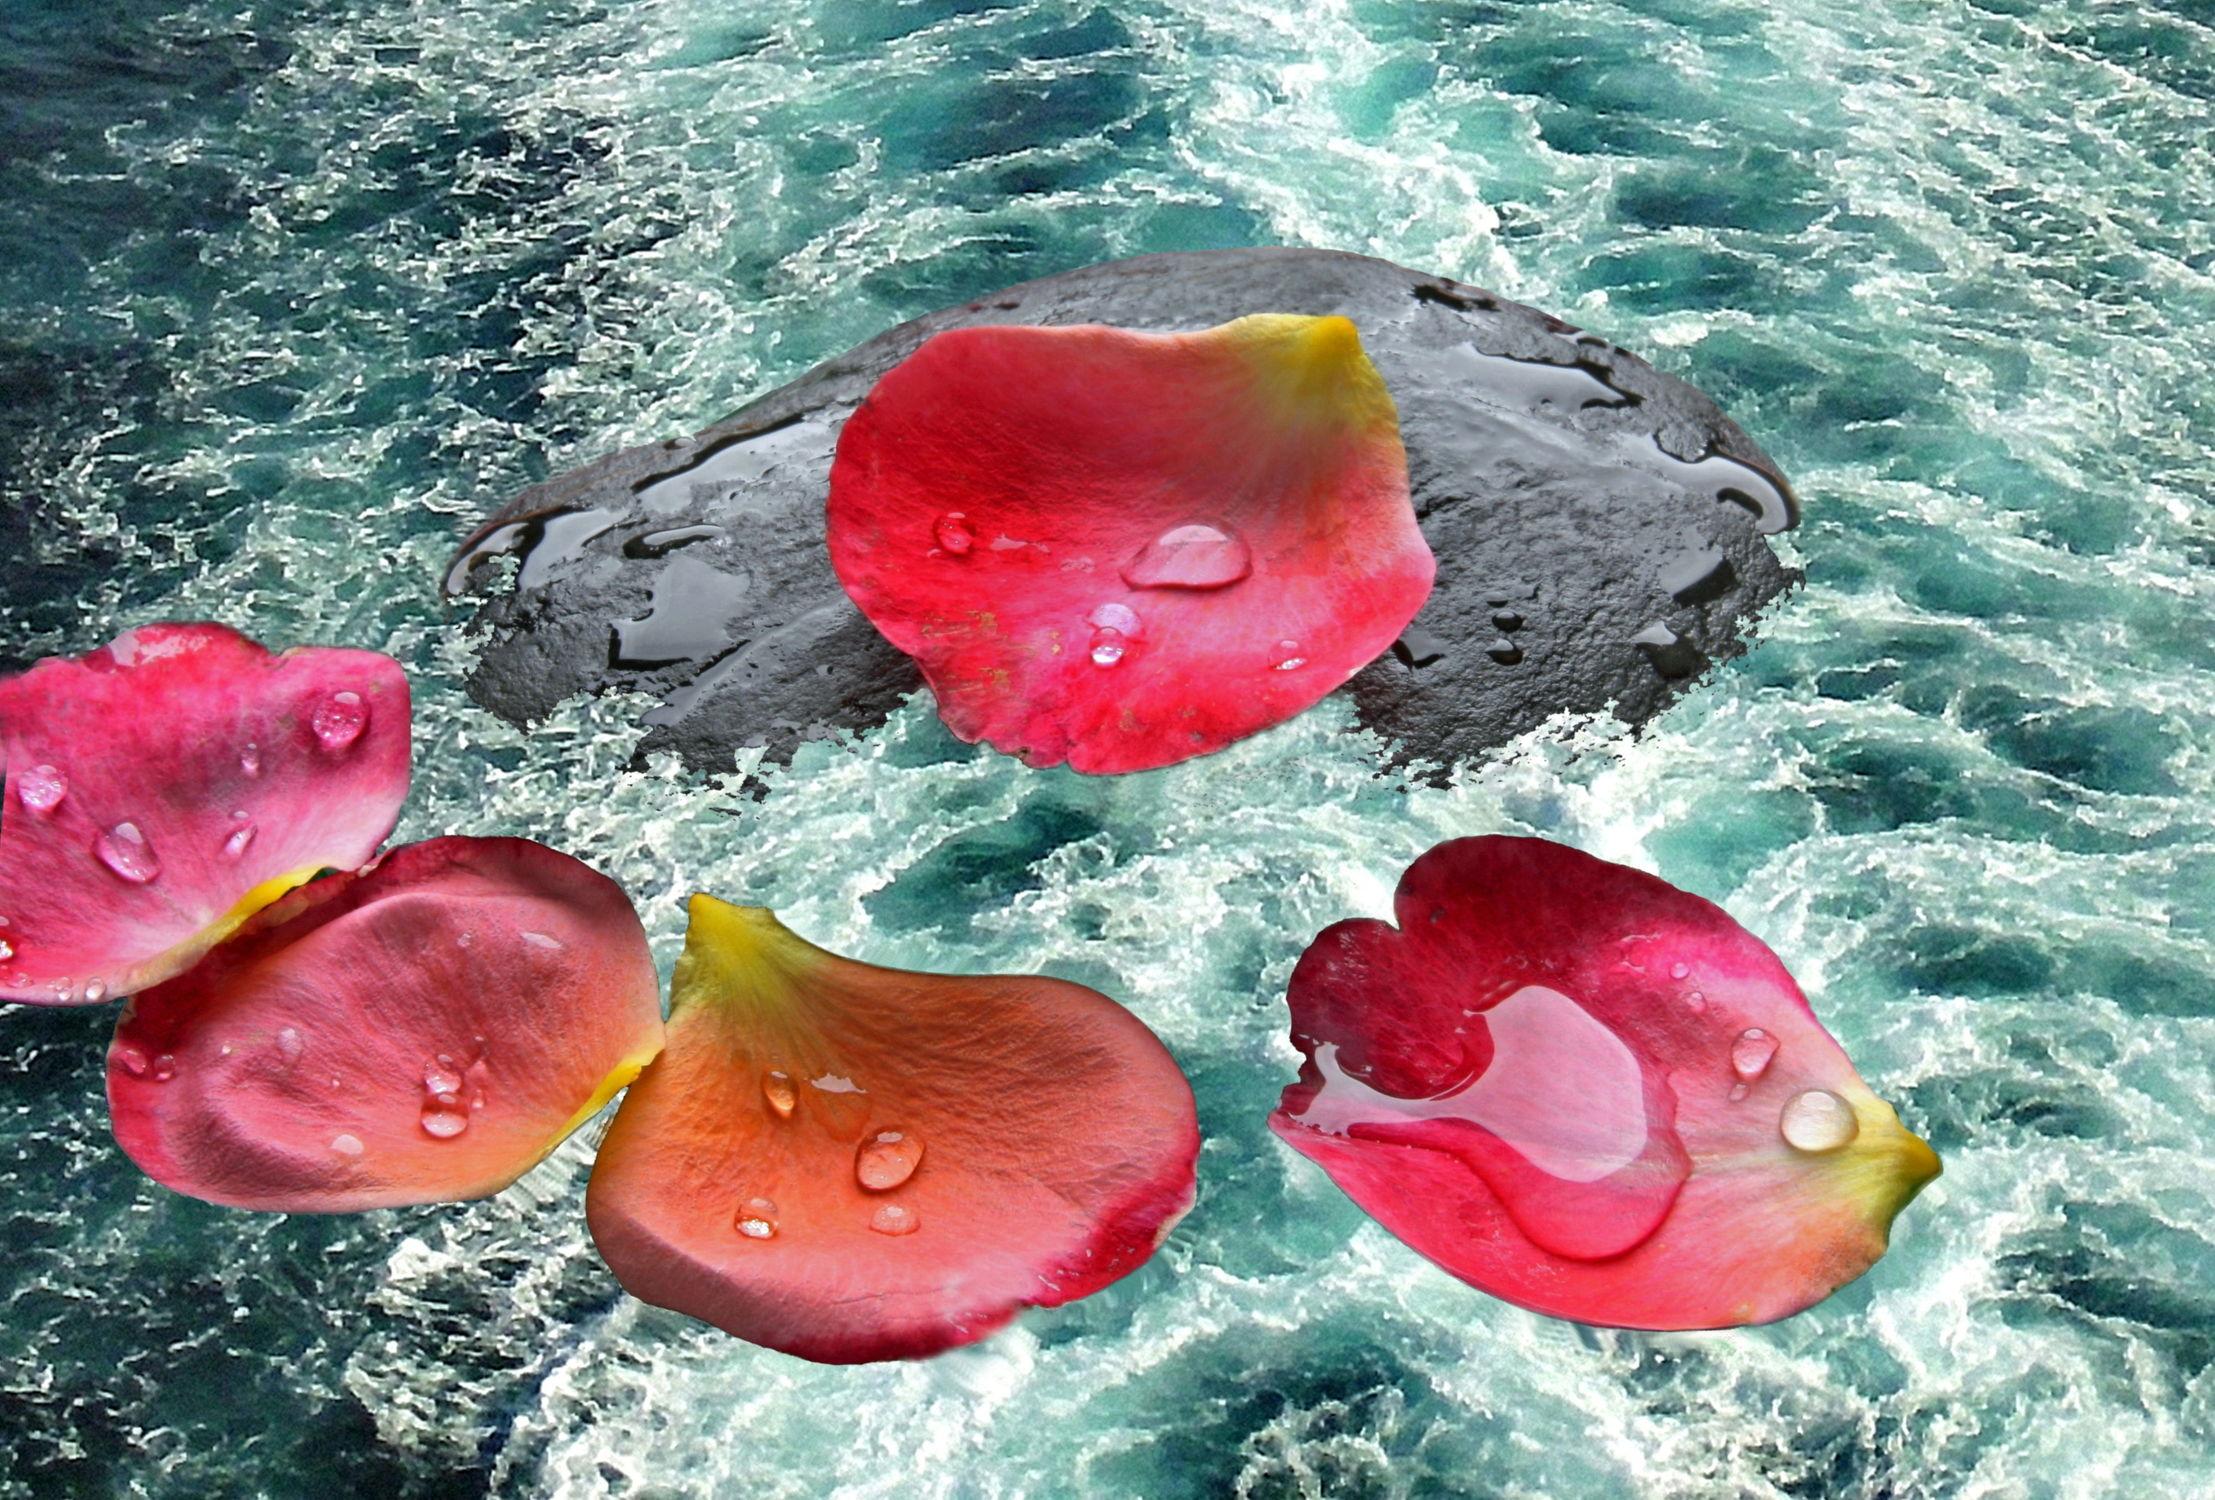 Bild mit Wasser, Gewässer, Blumen, Stein, Meer, Steine, Blume, Rose, See, Floral, Florales, Rosenblätter, rosenblatt